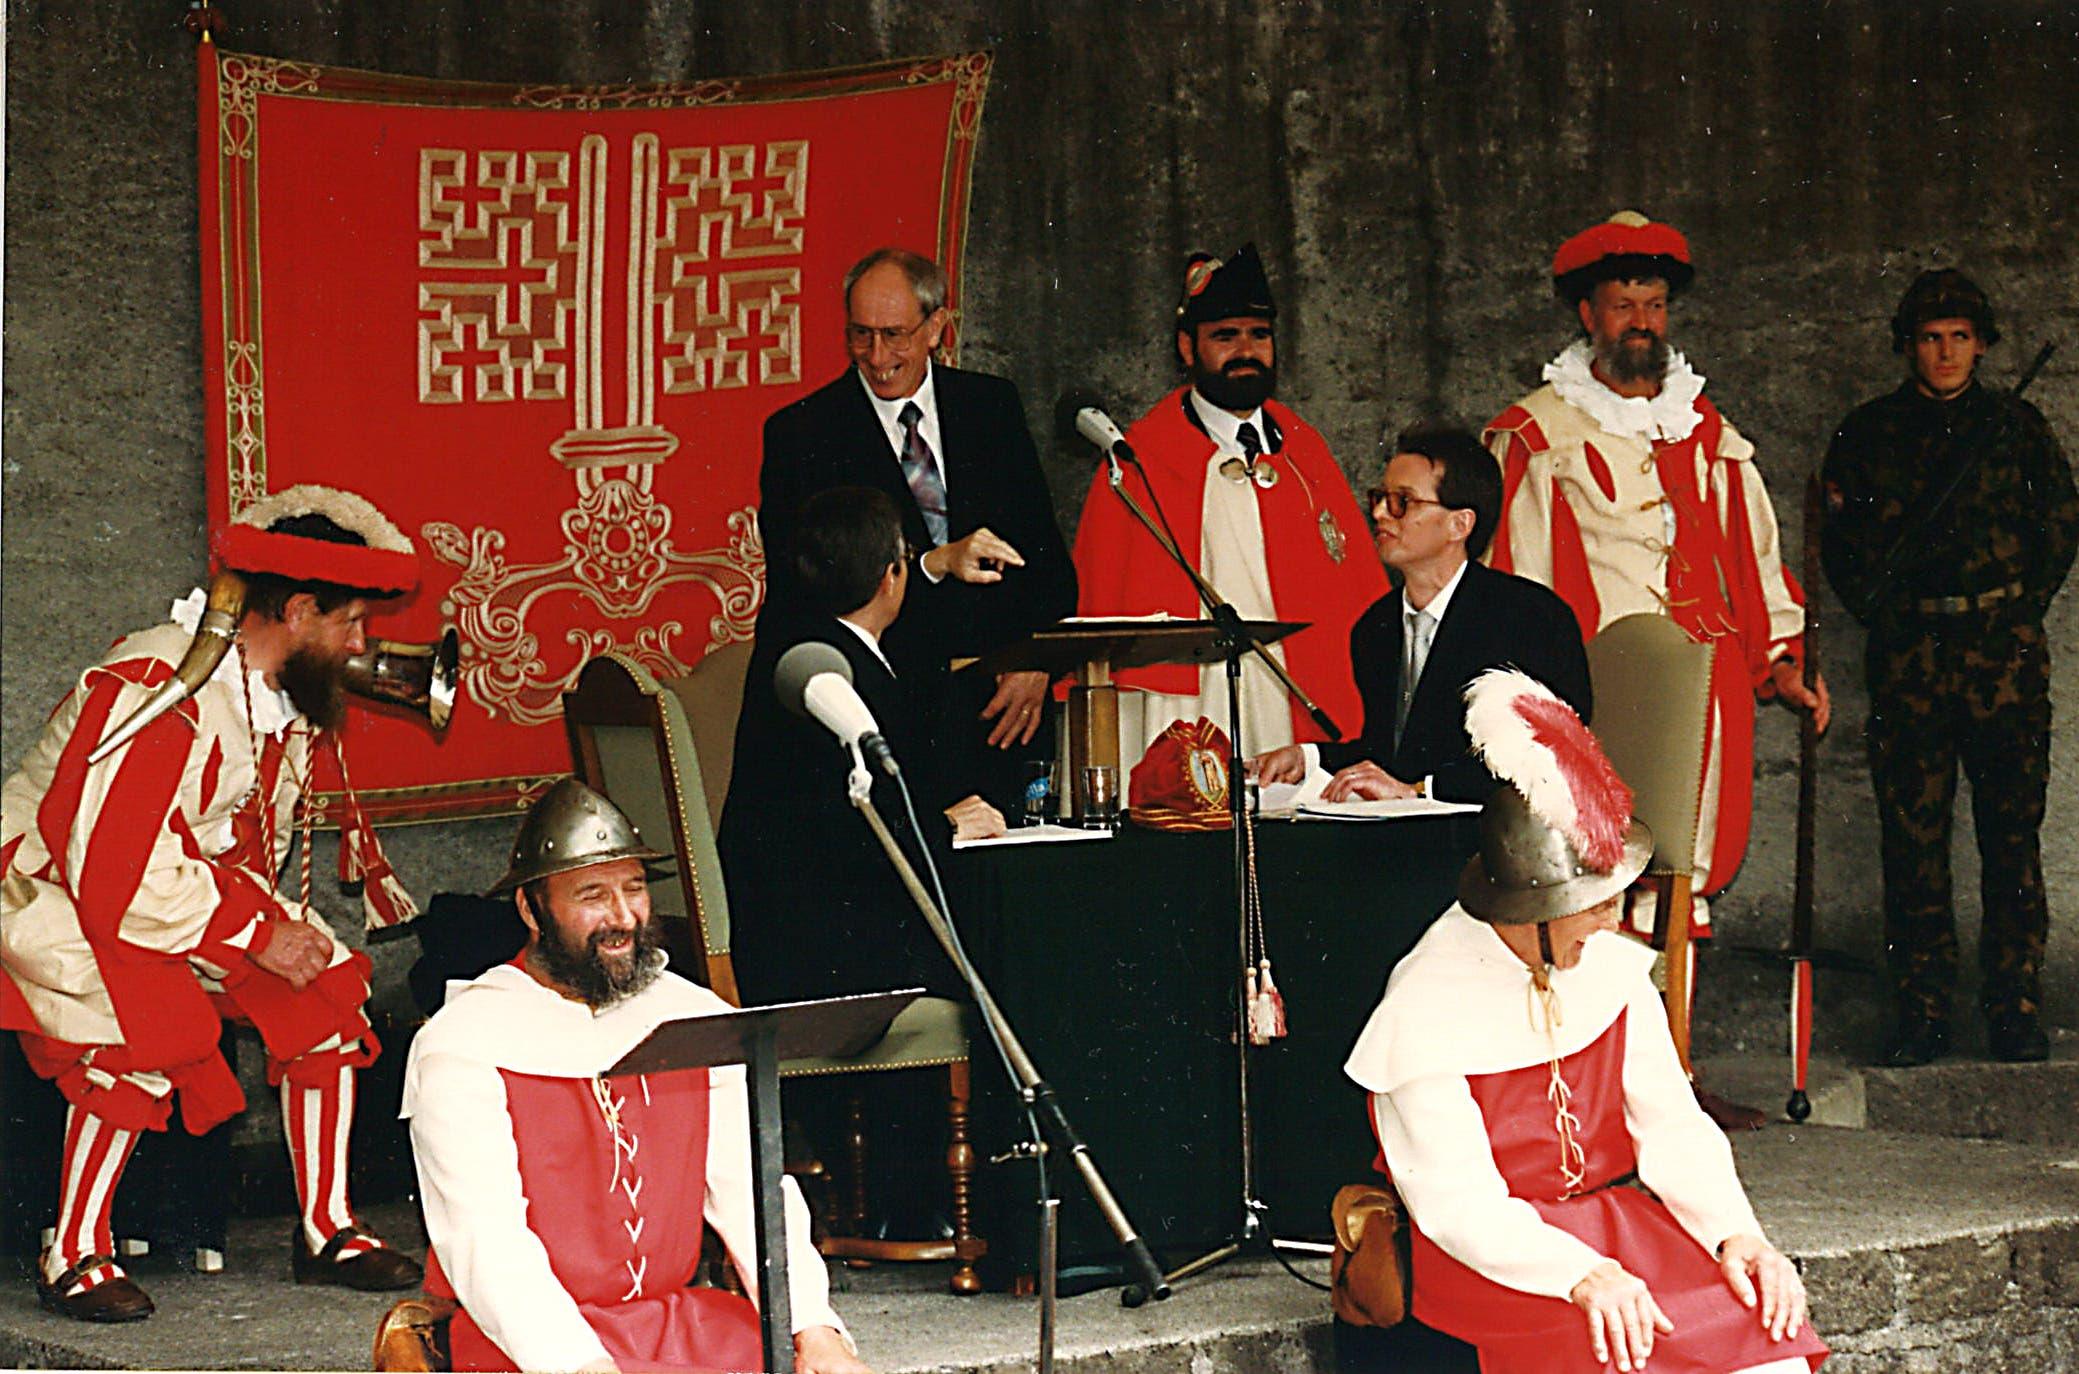 Hugo Murer als Landratssekretär an der letzten Landsgemeinde am 28. April 1996 in Stans (sitzend rechts). Am Rednerpult Landammann Hanspeter Käslin.